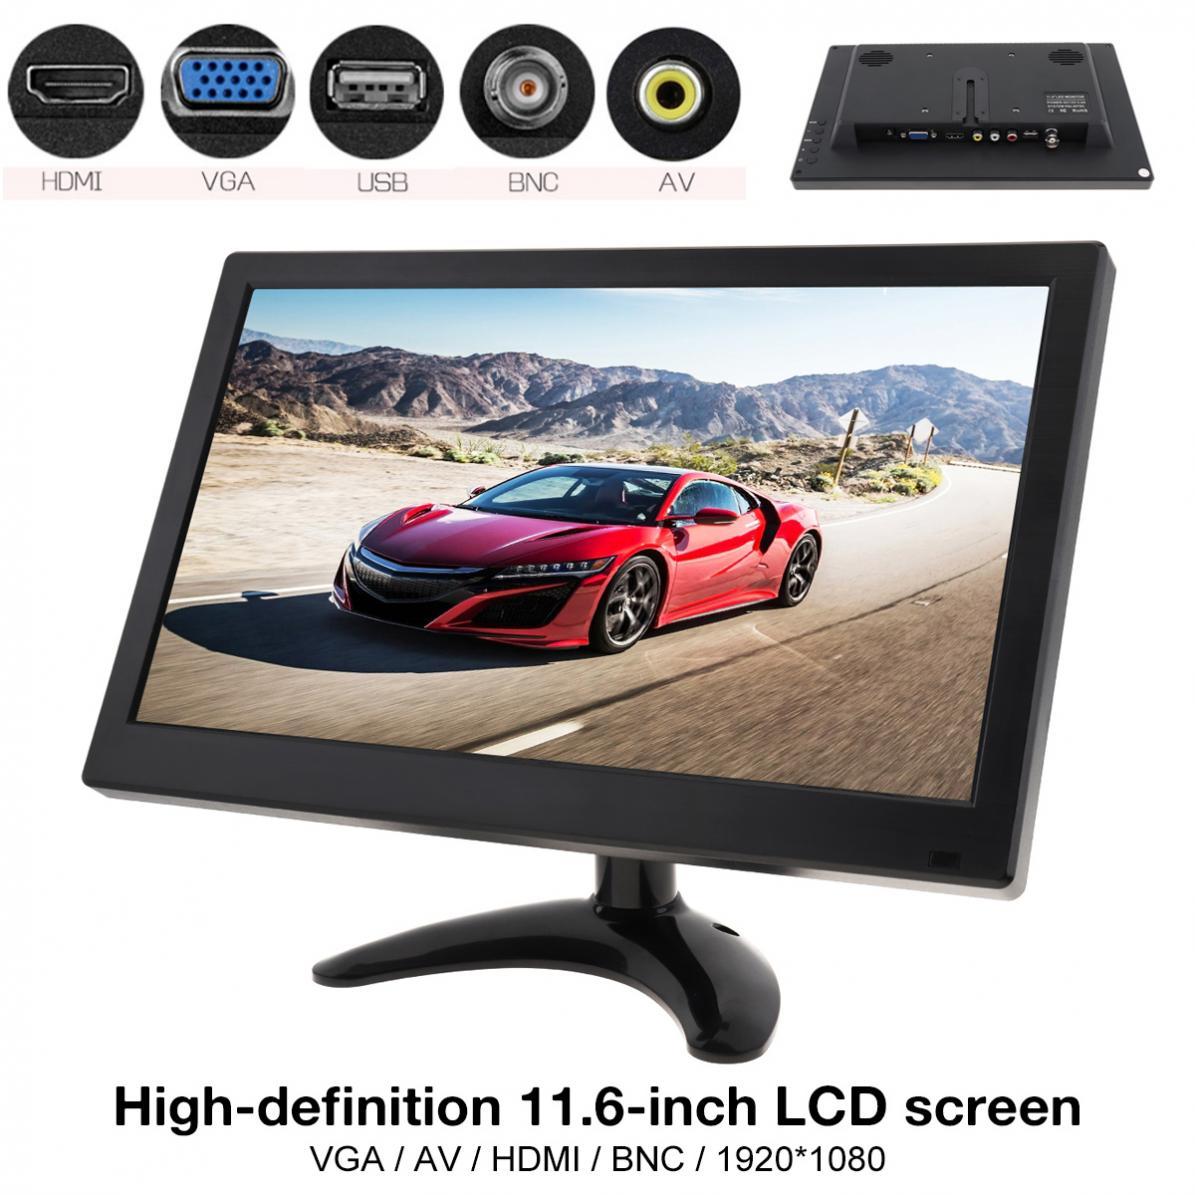 Moniteur de sécurité vidéo LCD 11.6 pouces   Écran HD IPS, TFT LCD, ordinateur TV MP5, 2 canaux, entrée vidéo, avec haut-parleur, AV BNC VGA HDMI